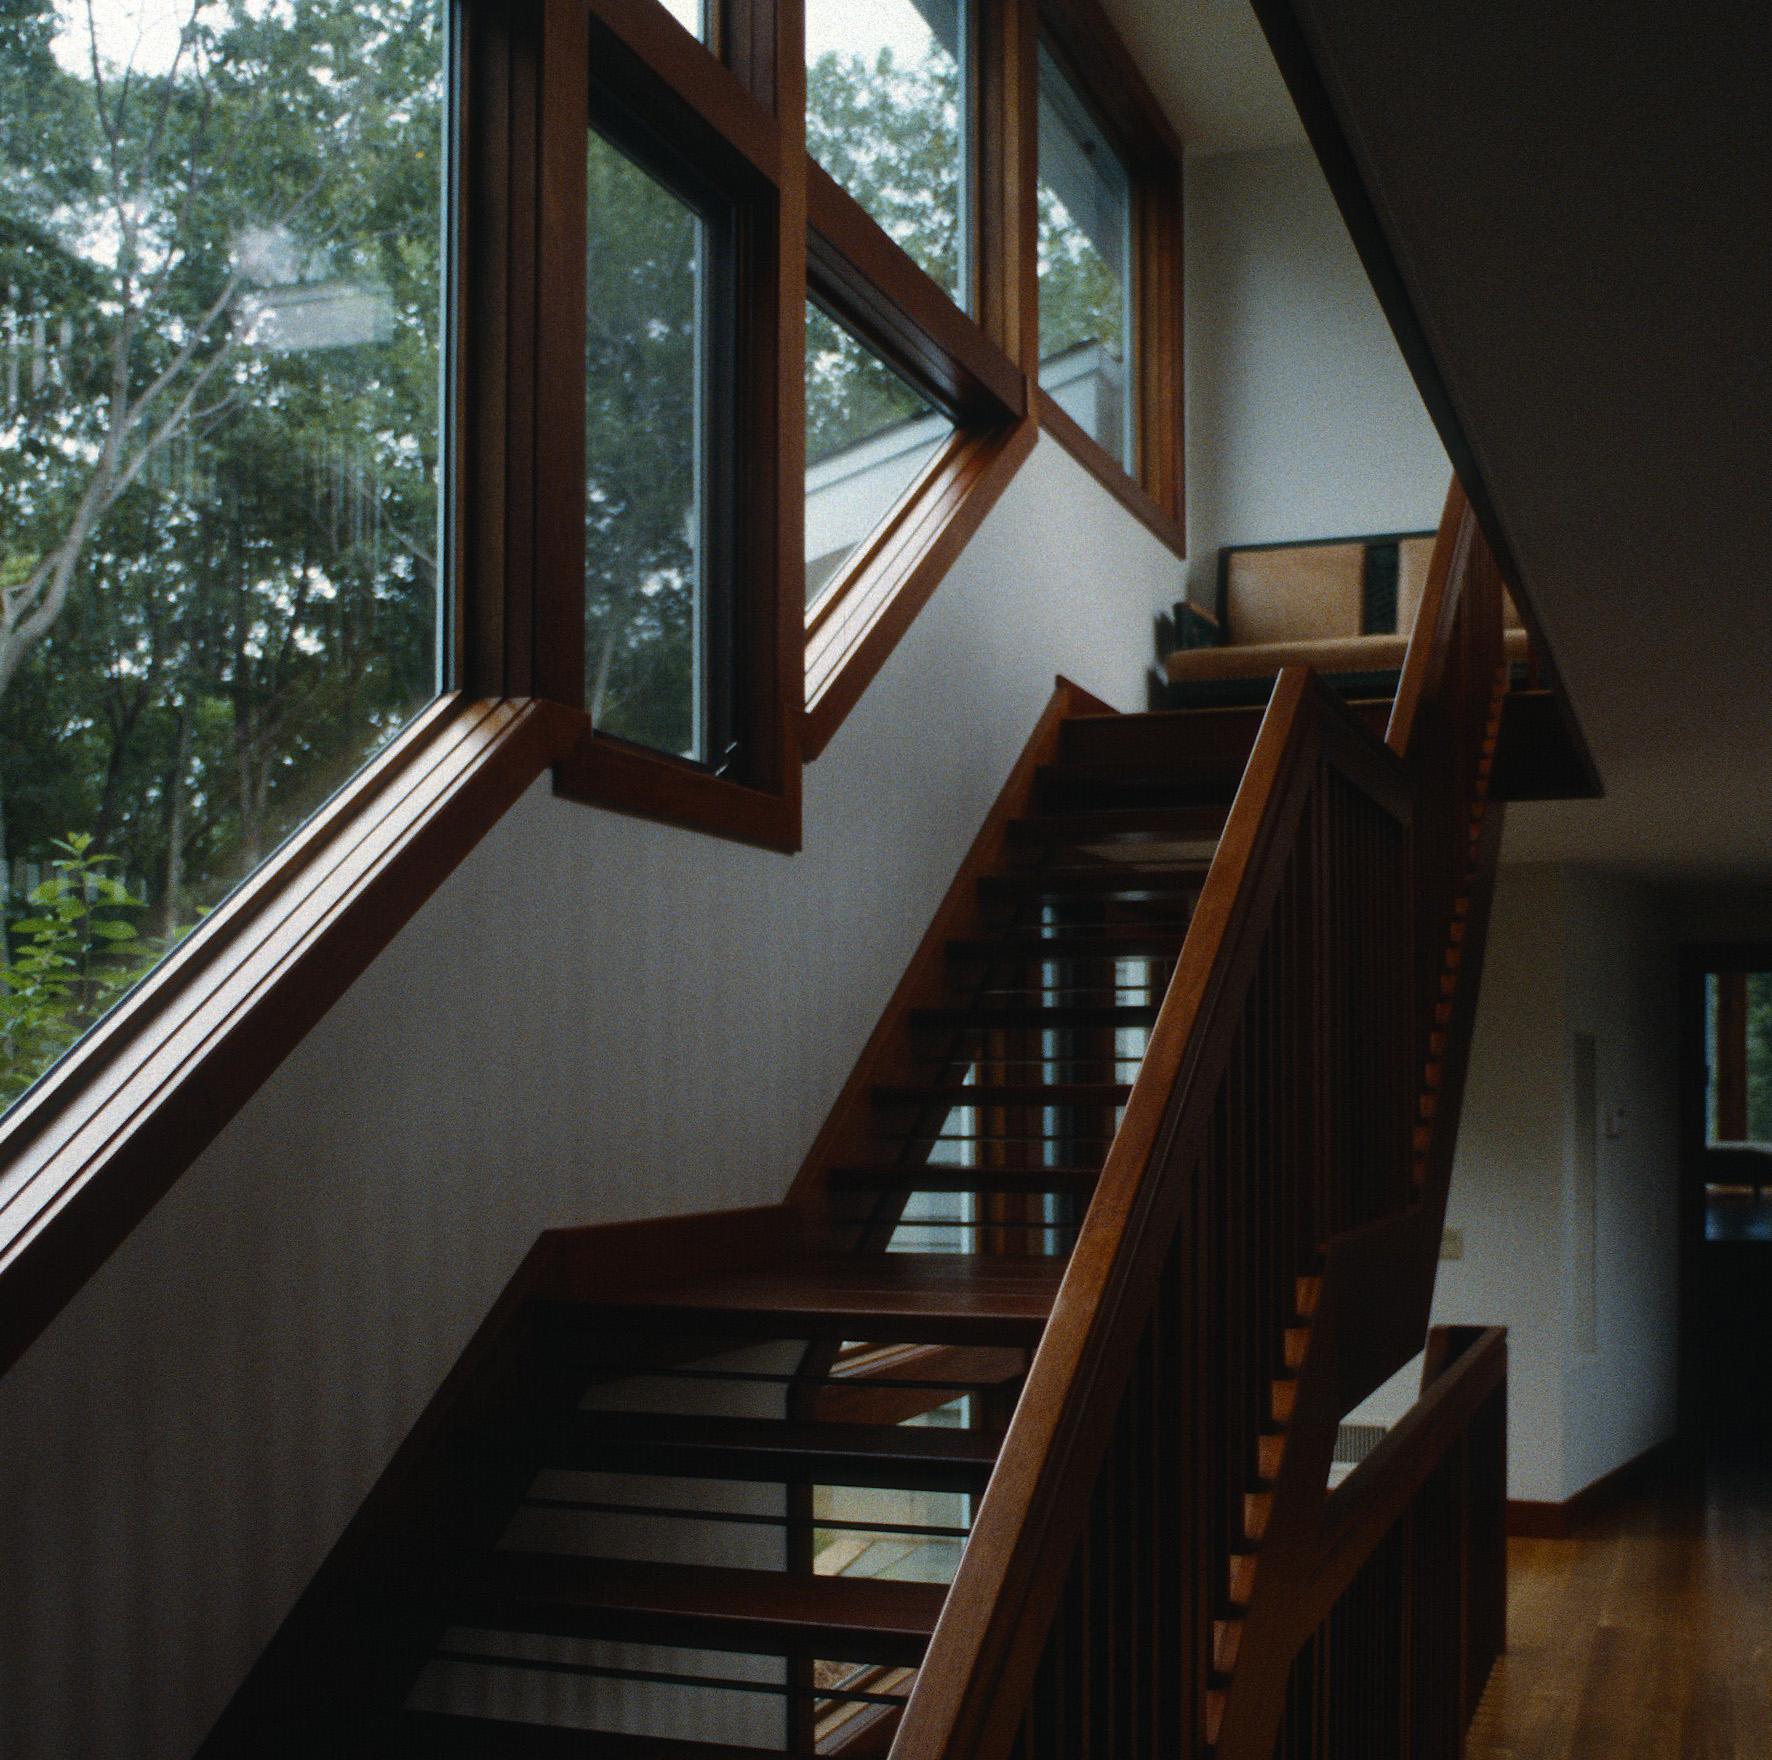 m 2nd Fl Stair.jpg